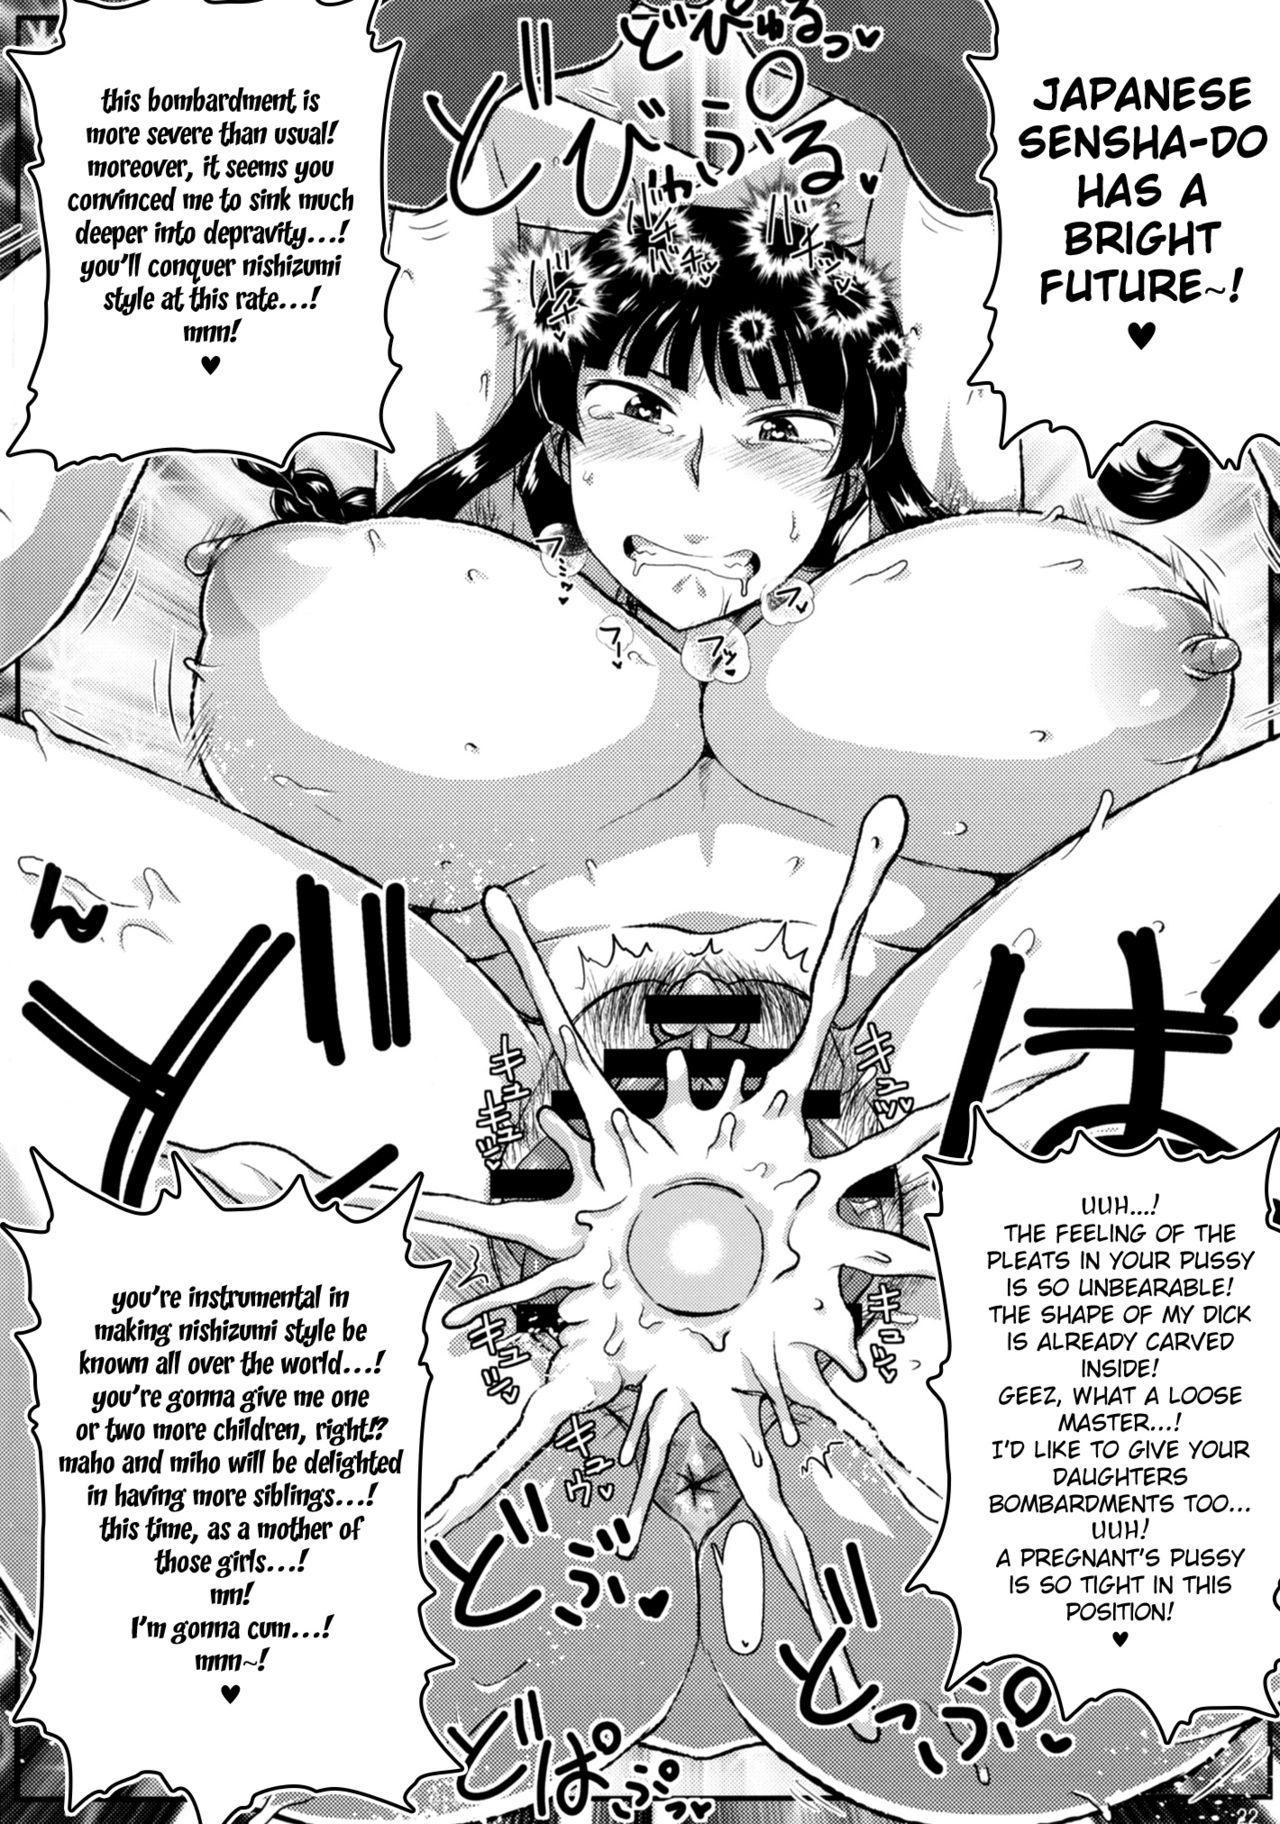 Girl?s & Semen III Nishizumi Shiho no Moteamashita Ureure Body o Chuunen Chinpo de Soutou Sakusen! Iemoto Ransou ni Idenshi Seichuu Butai Shinkou Kaishi 22